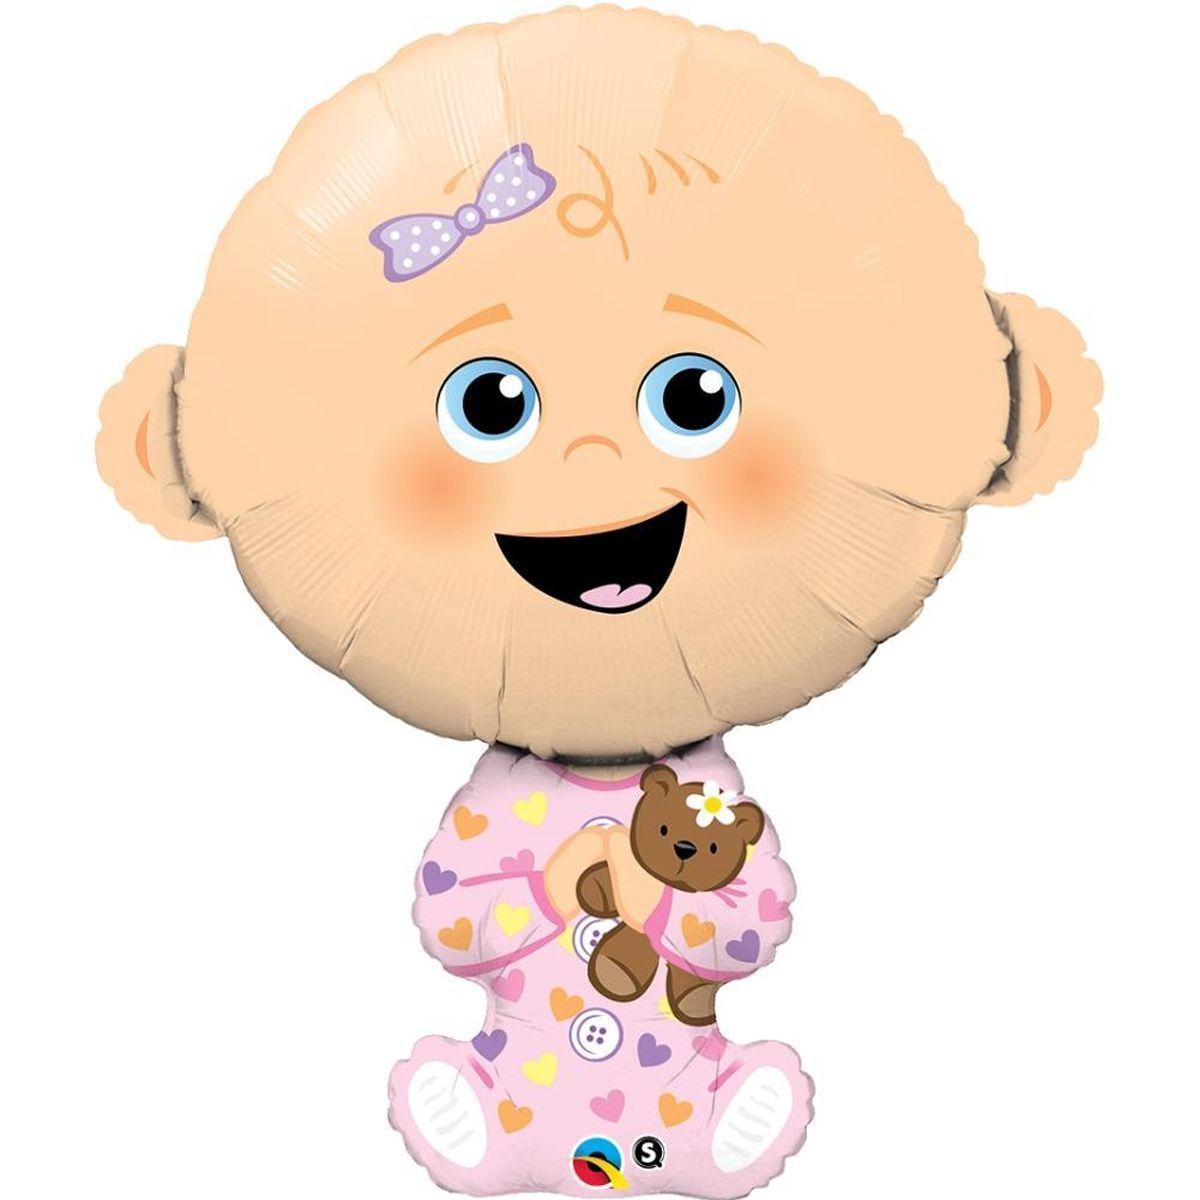 """Кулька 36"""" фігура фольгована на виписку для дівчинки """"Малюк"""" УП шт."""